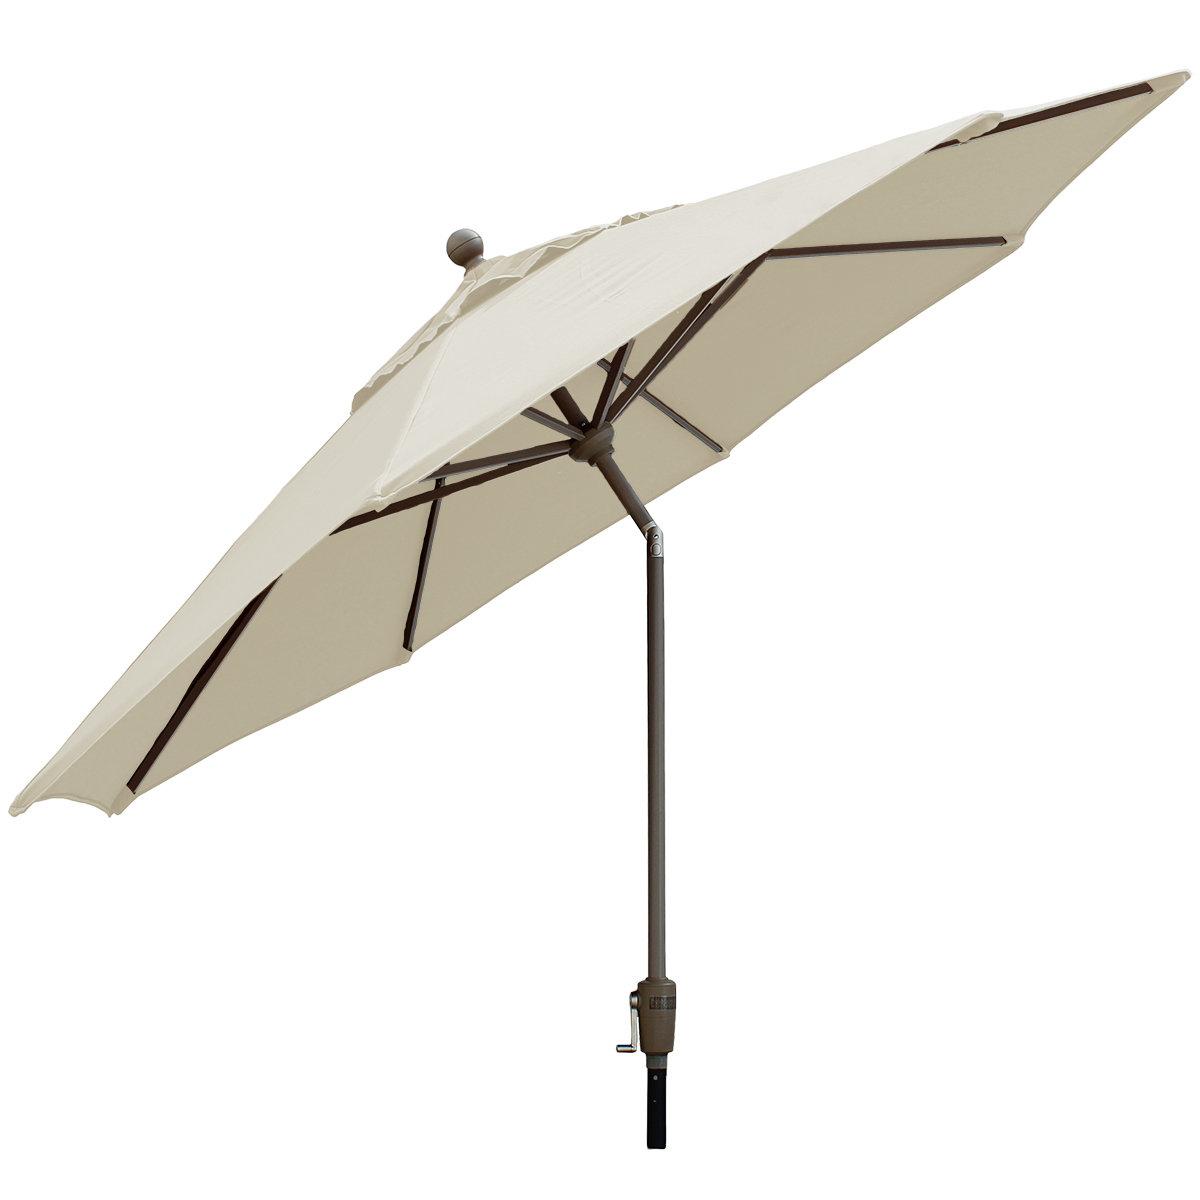 Recent Crowland 9' Market Sunbrella Umbrella Regarding Mullaney Market Sunbrella Umbrellas (View 17 of 20)